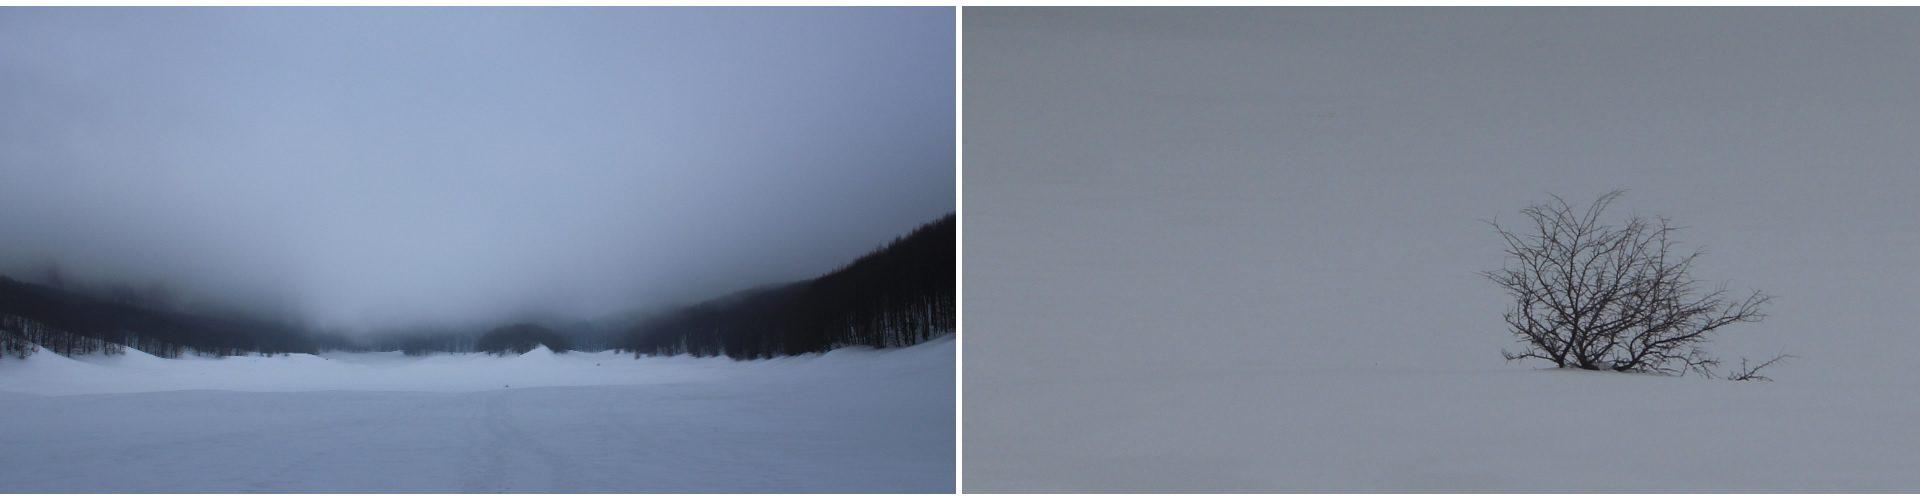 """Distesa di ghiaccio e nebbia del """"pianellone""""tentando di raggiungere la cima del """"Gallinola"""". Albero quasi totalmente sommerso dalla grande quantità di neve,con nebbia che lascia vedere ben poco in lontananza. Pianellone."""